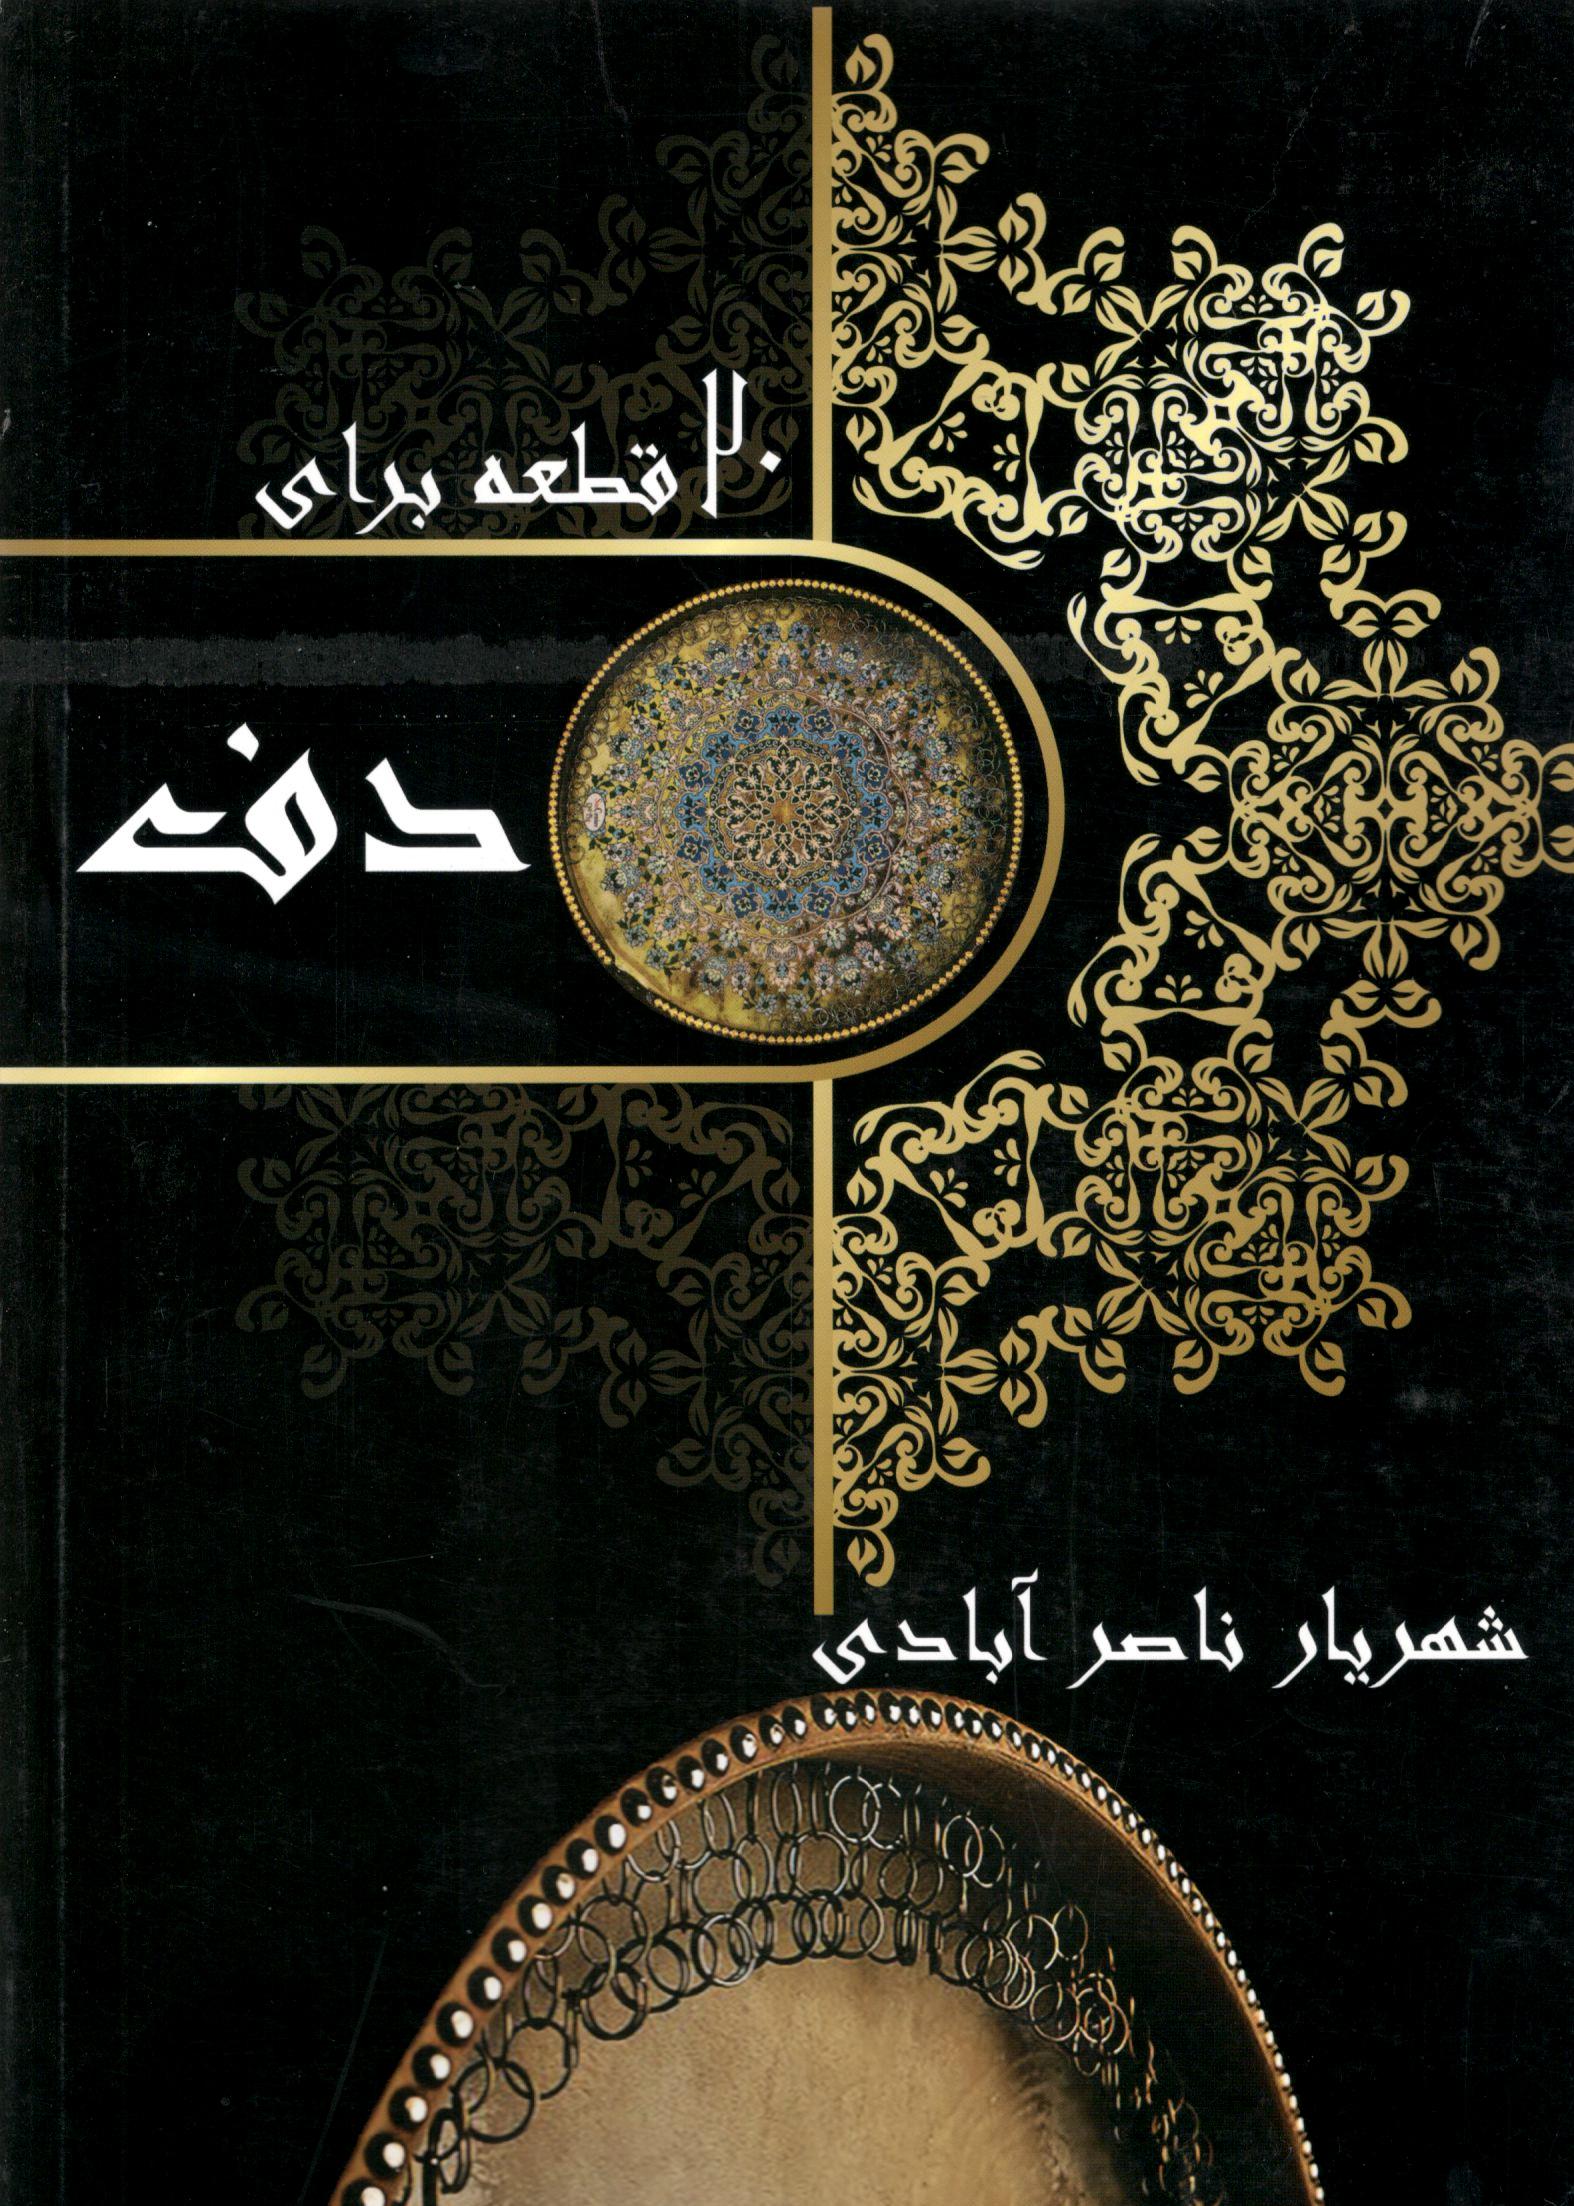 20قطعه برای شهریار ناصرآبادی